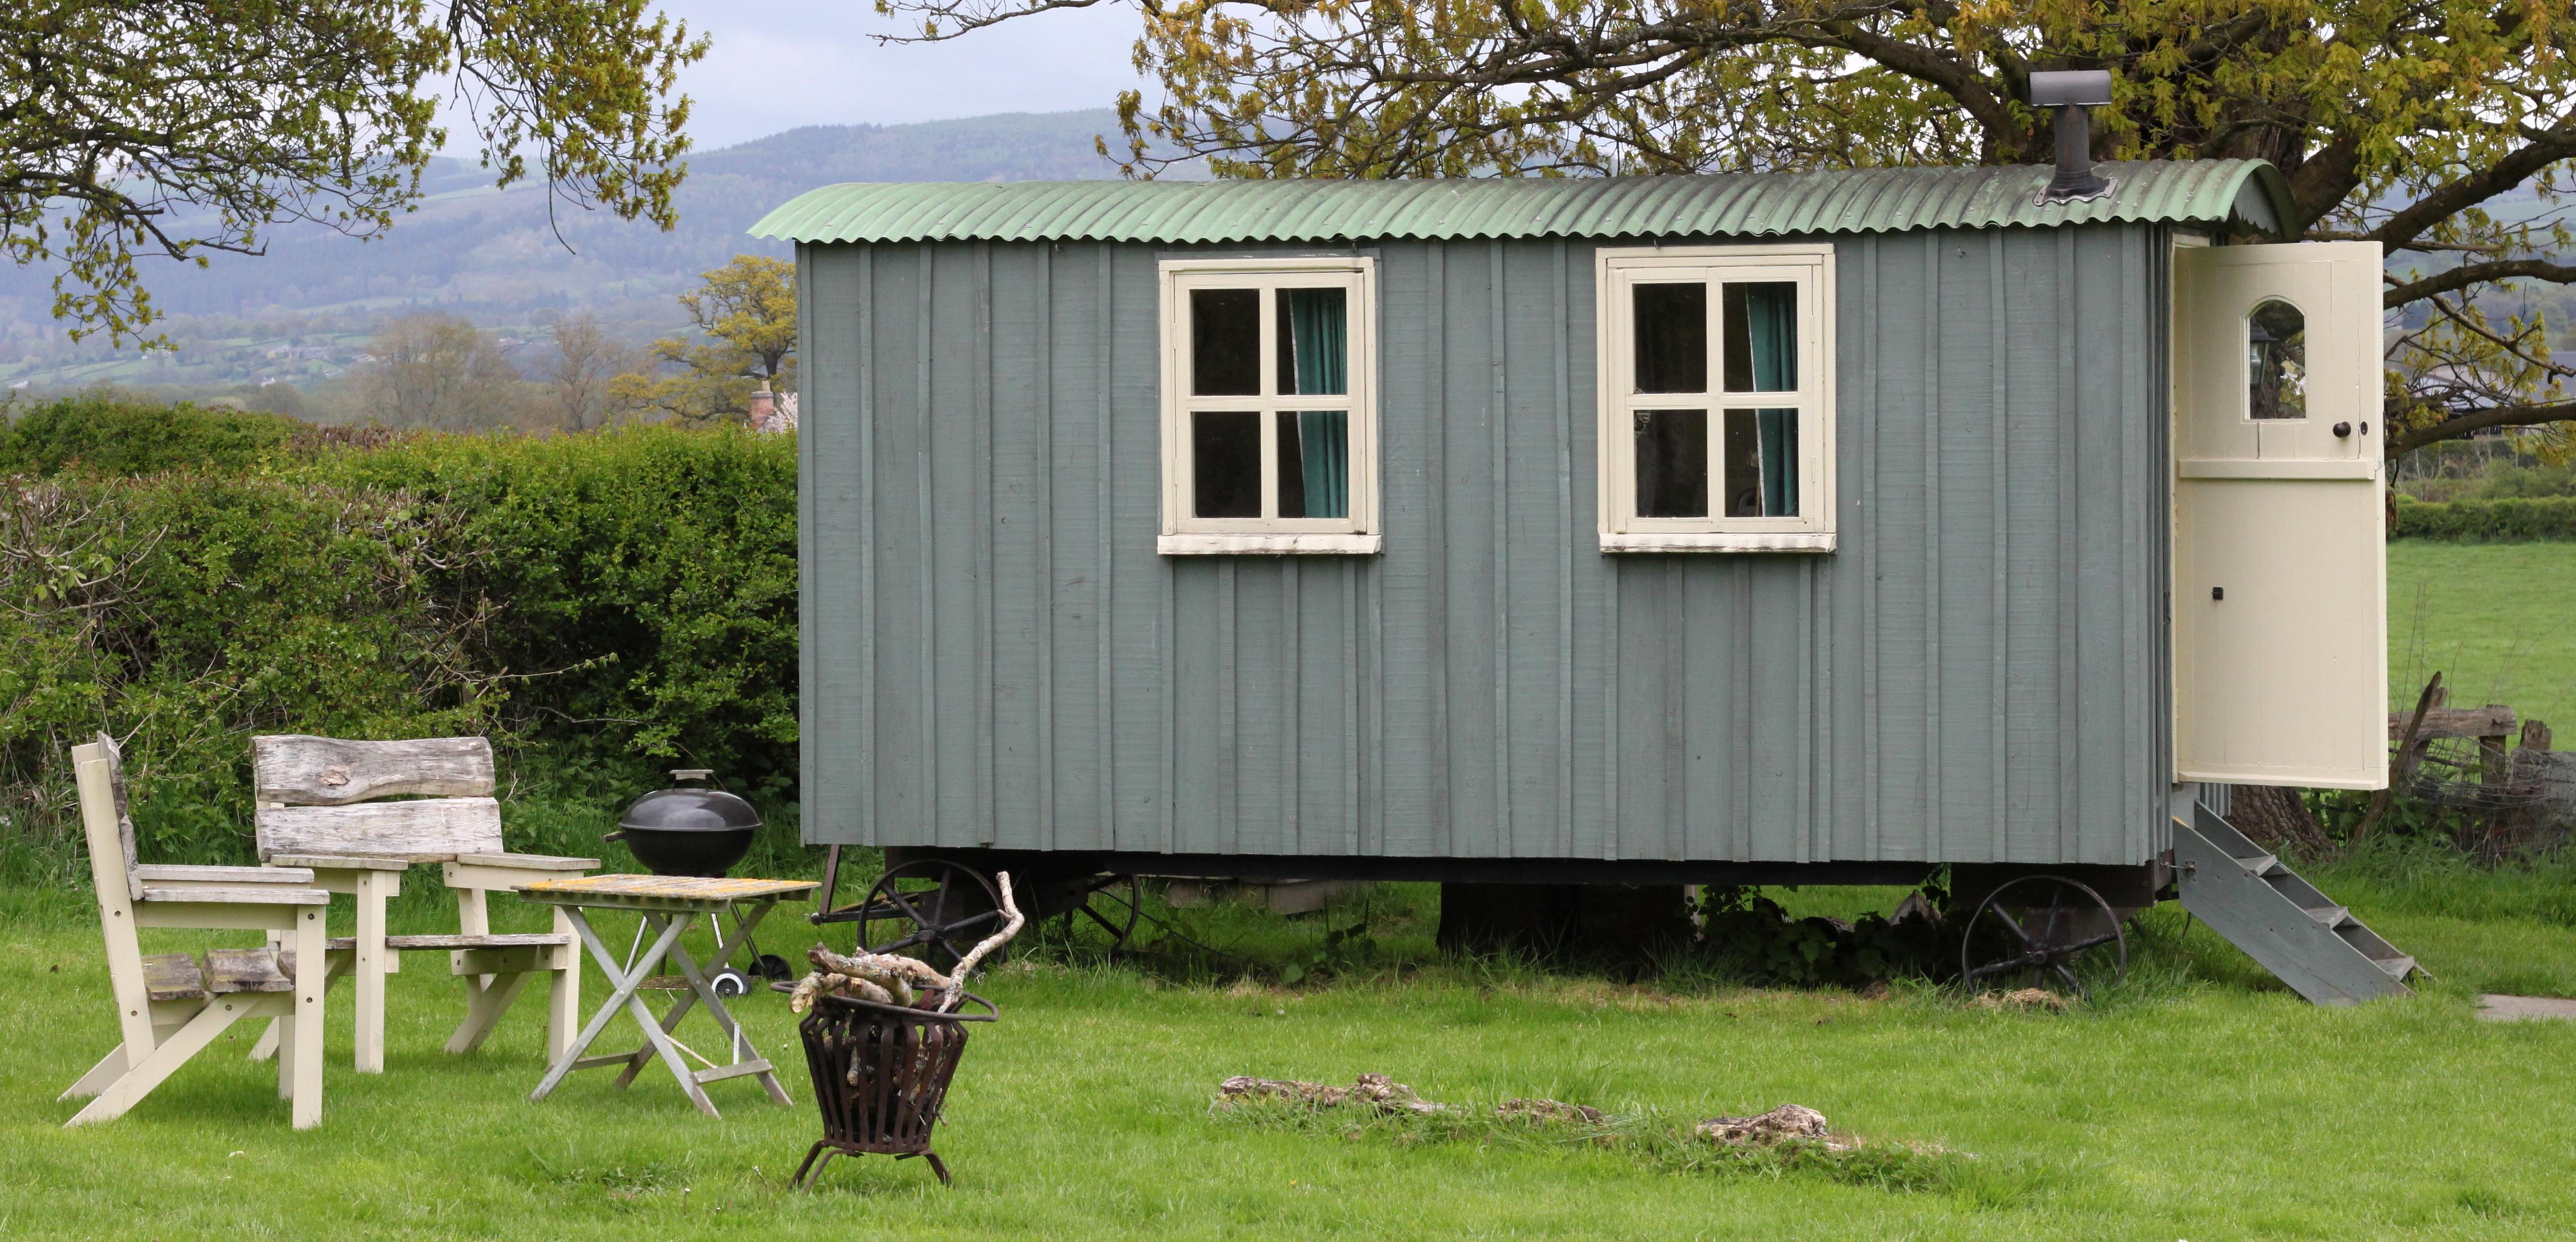 Le vecchie case dei pastori sono ora minicase di design / Flickr/Creative commons